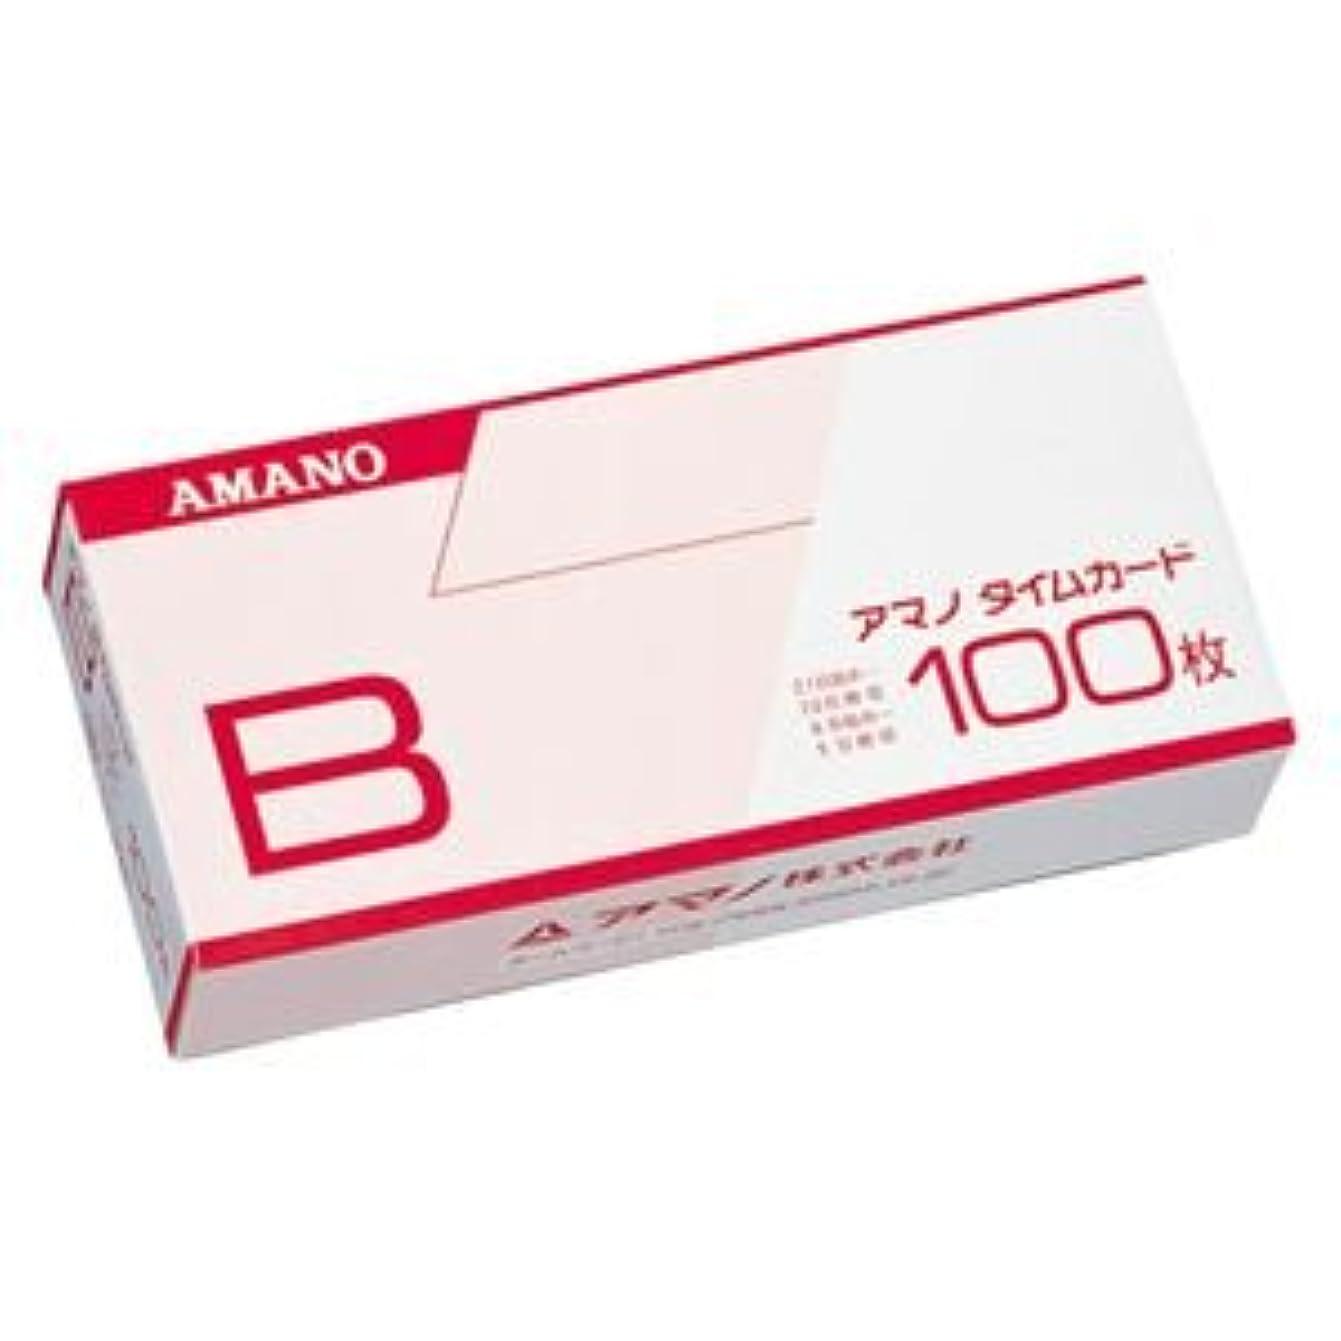 雄弁な肝お風呂を持っている(業務用セット) アマノ タイムカード (標準)Bカード 1箱入 【×3セット】 〈簡易梱包